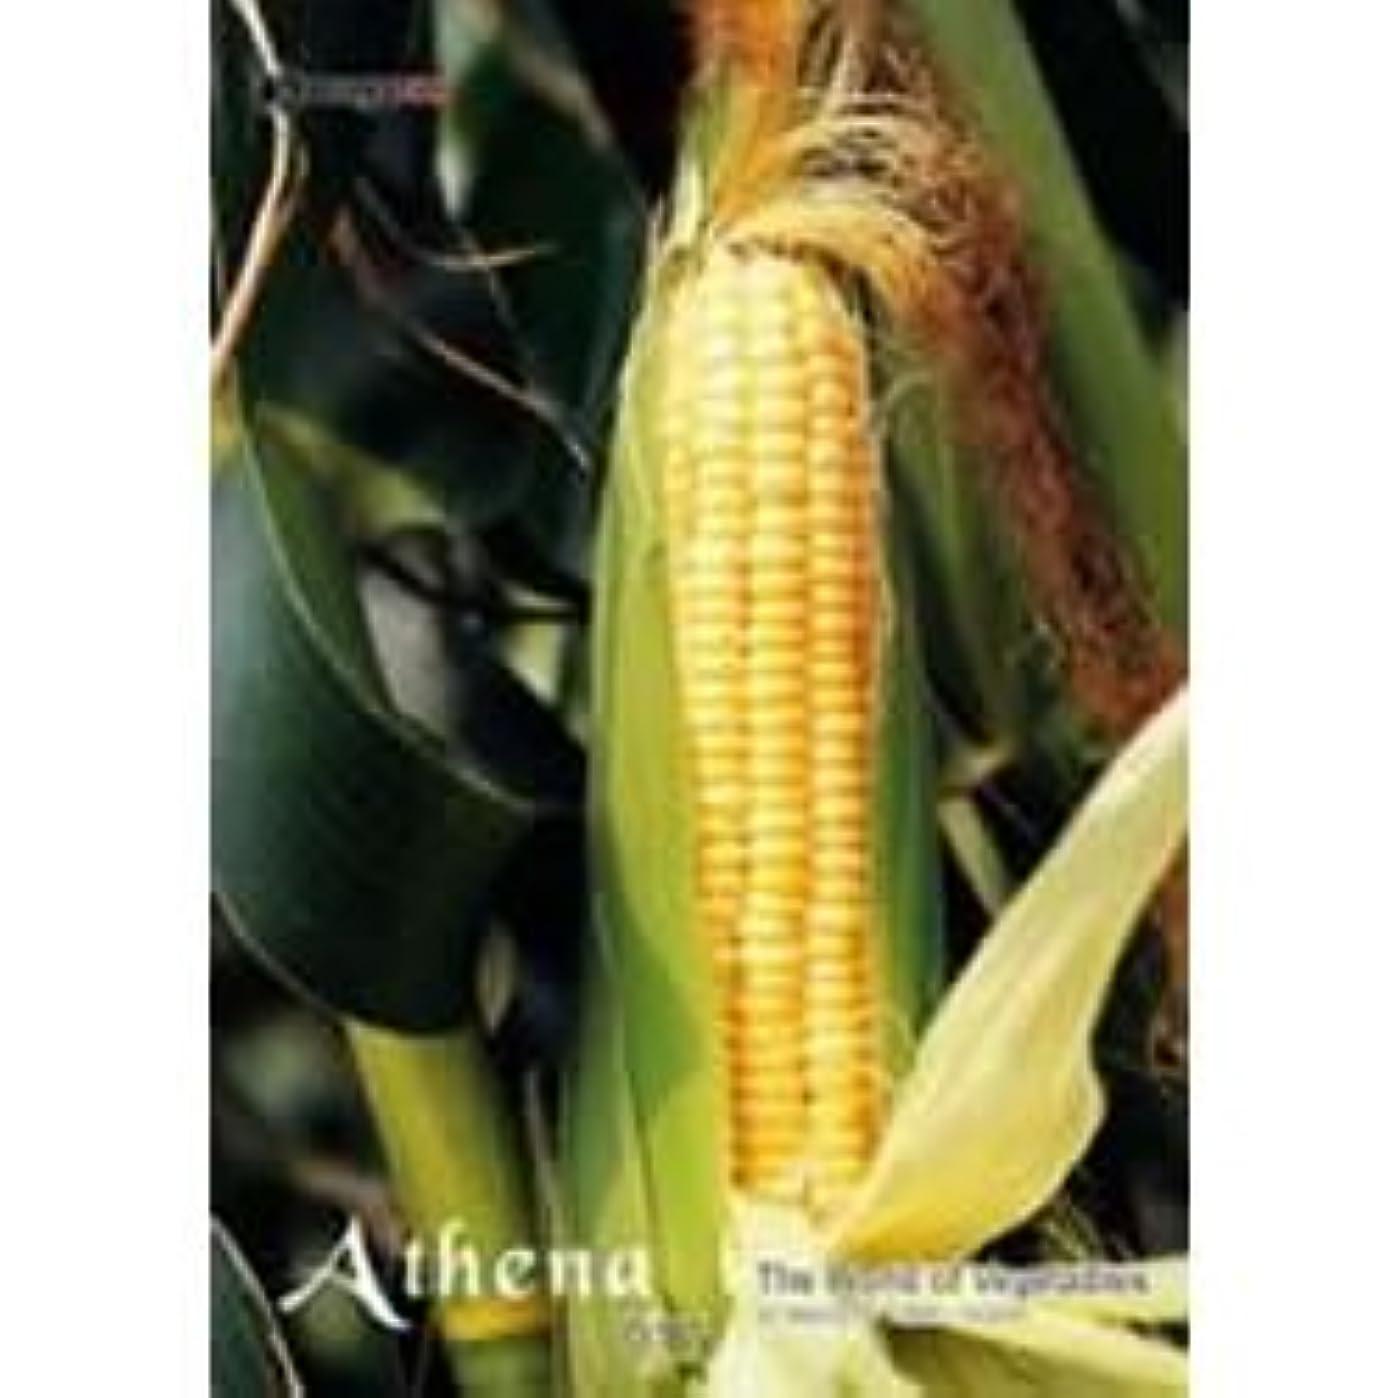 パン屋法律により刺すアテナ Vol.17 野菜の風景